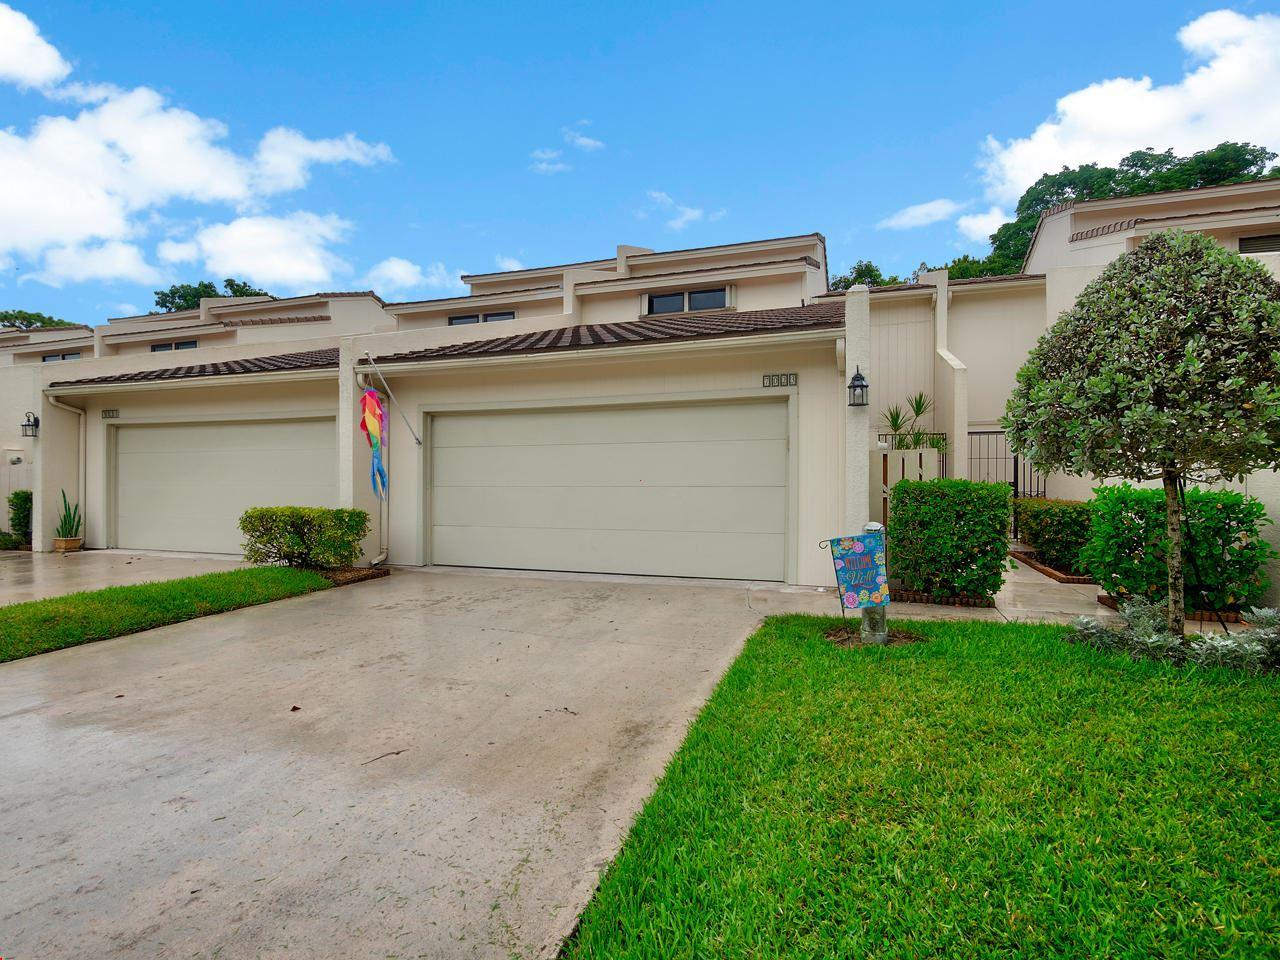 7023 Edgemere Terrace, Palm Beach Gardens, FL 33410 - #: RX-10632345